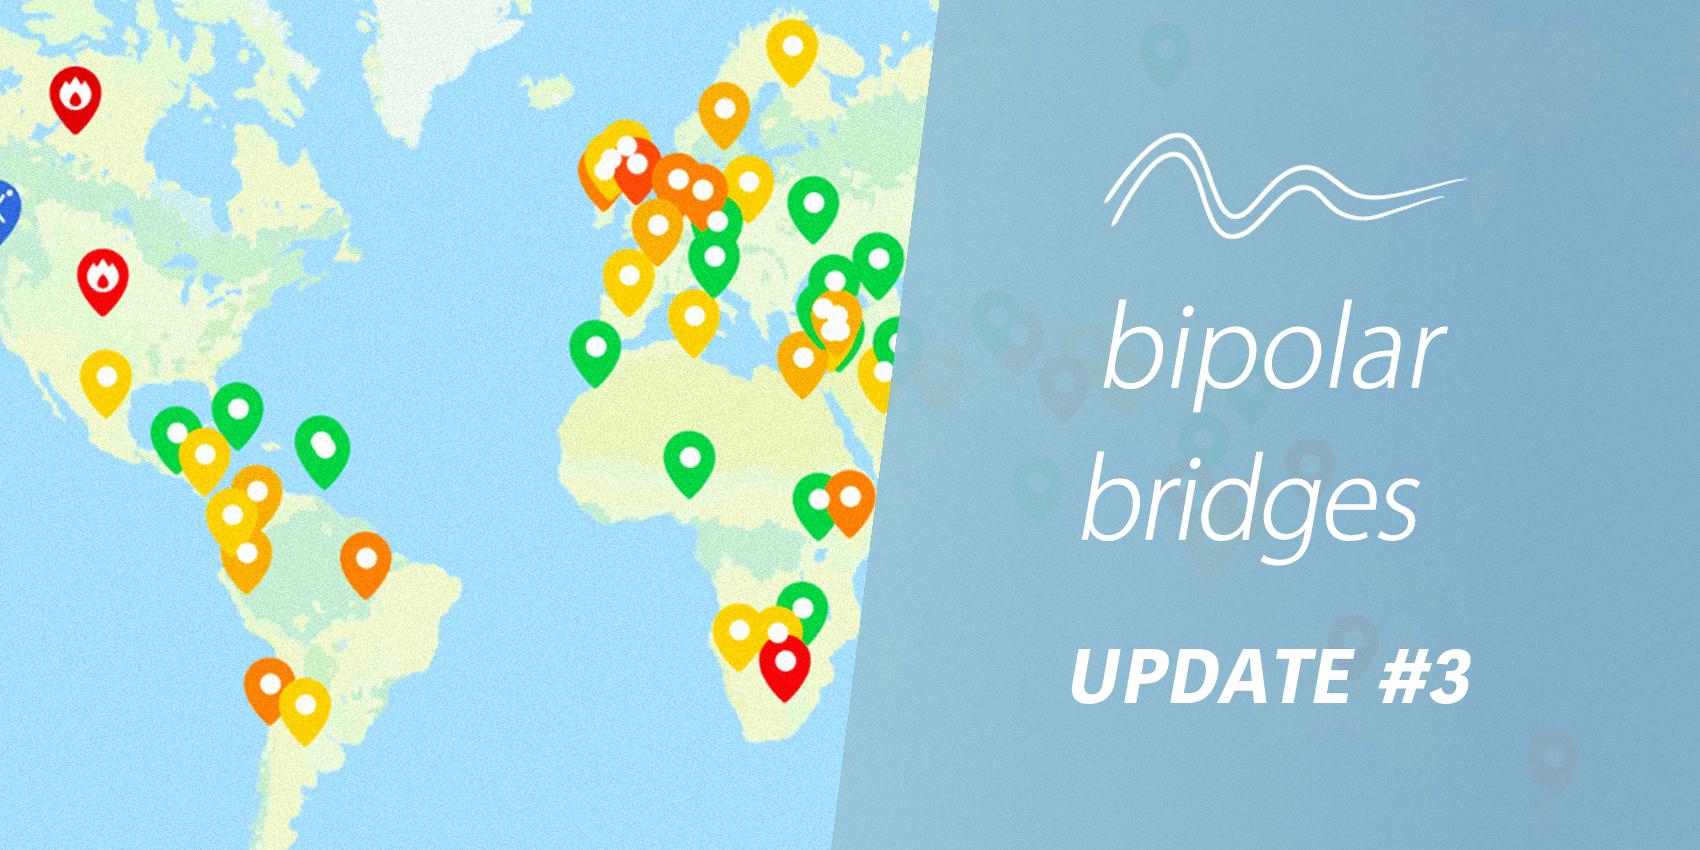 Bipolar Bridges Blog 3: Our App Survey Was a Massive Success!